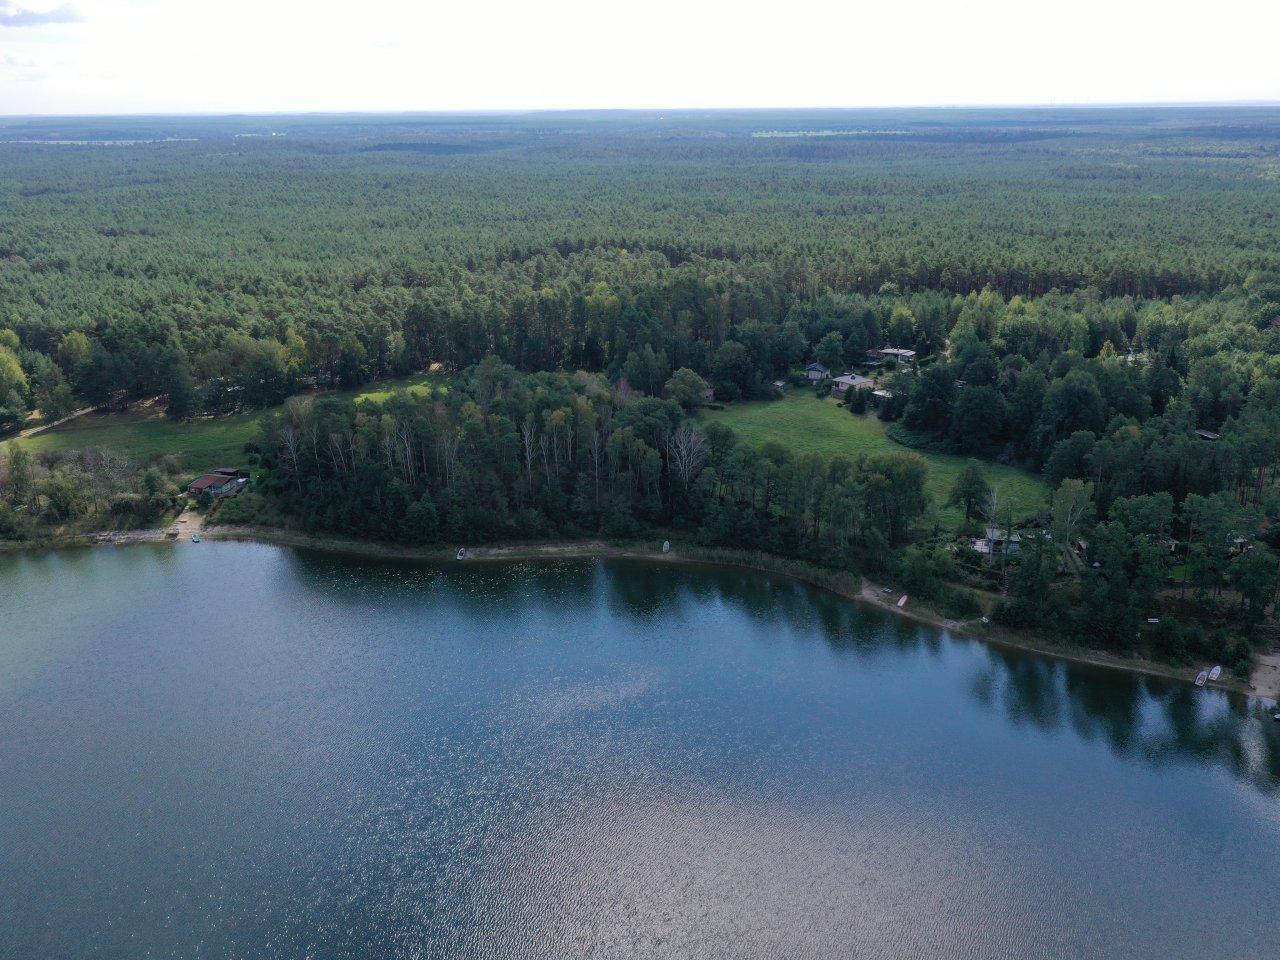 Grundstück im Wochenendhausgebiet am Pinnower See im Schlaubetal **Lage in 2. Reihe**